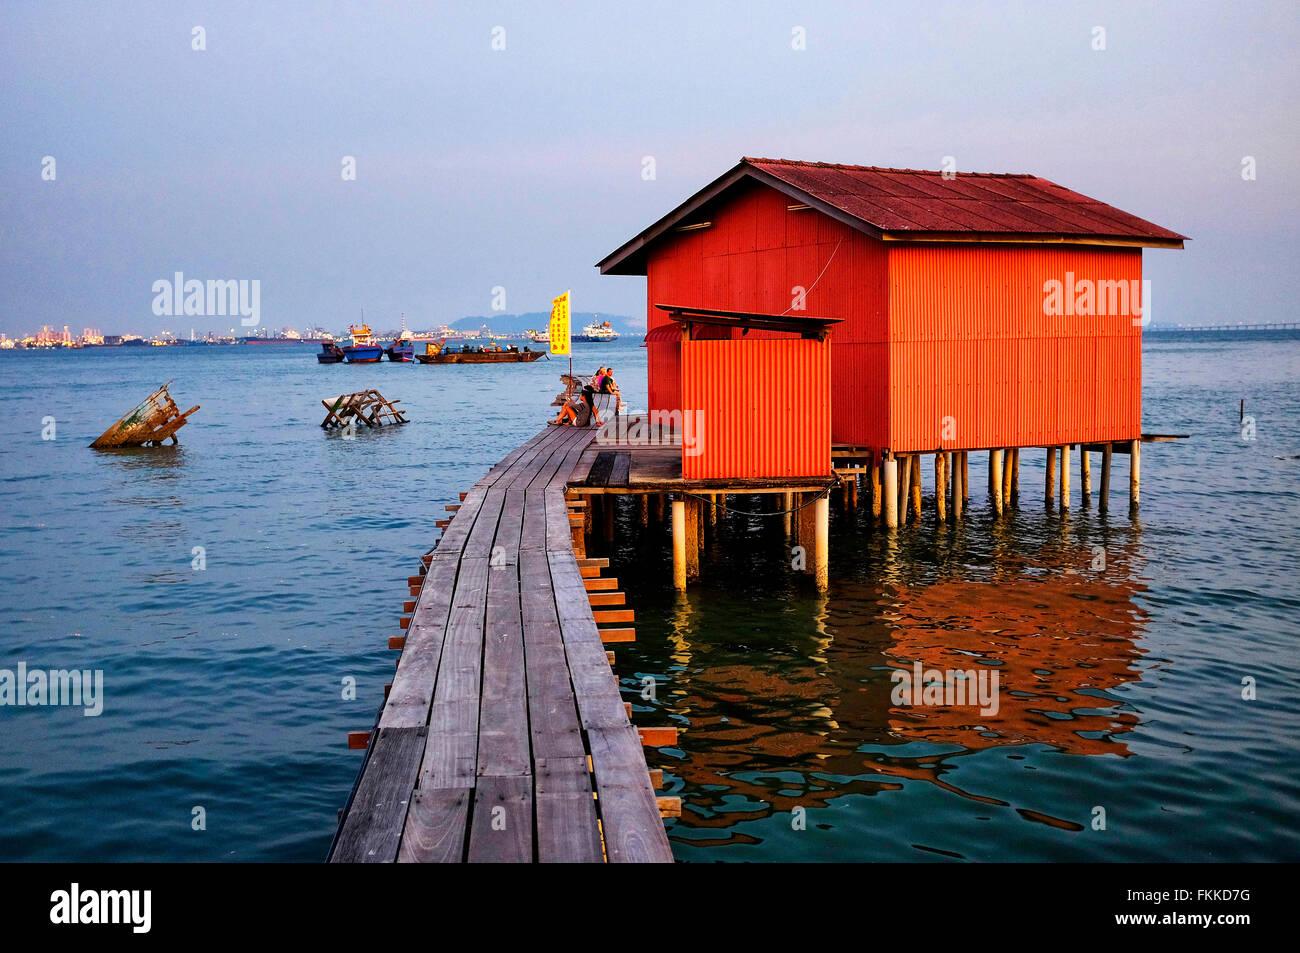 Tan Jetty, George Town, Penang, Malaysia - Stock Image